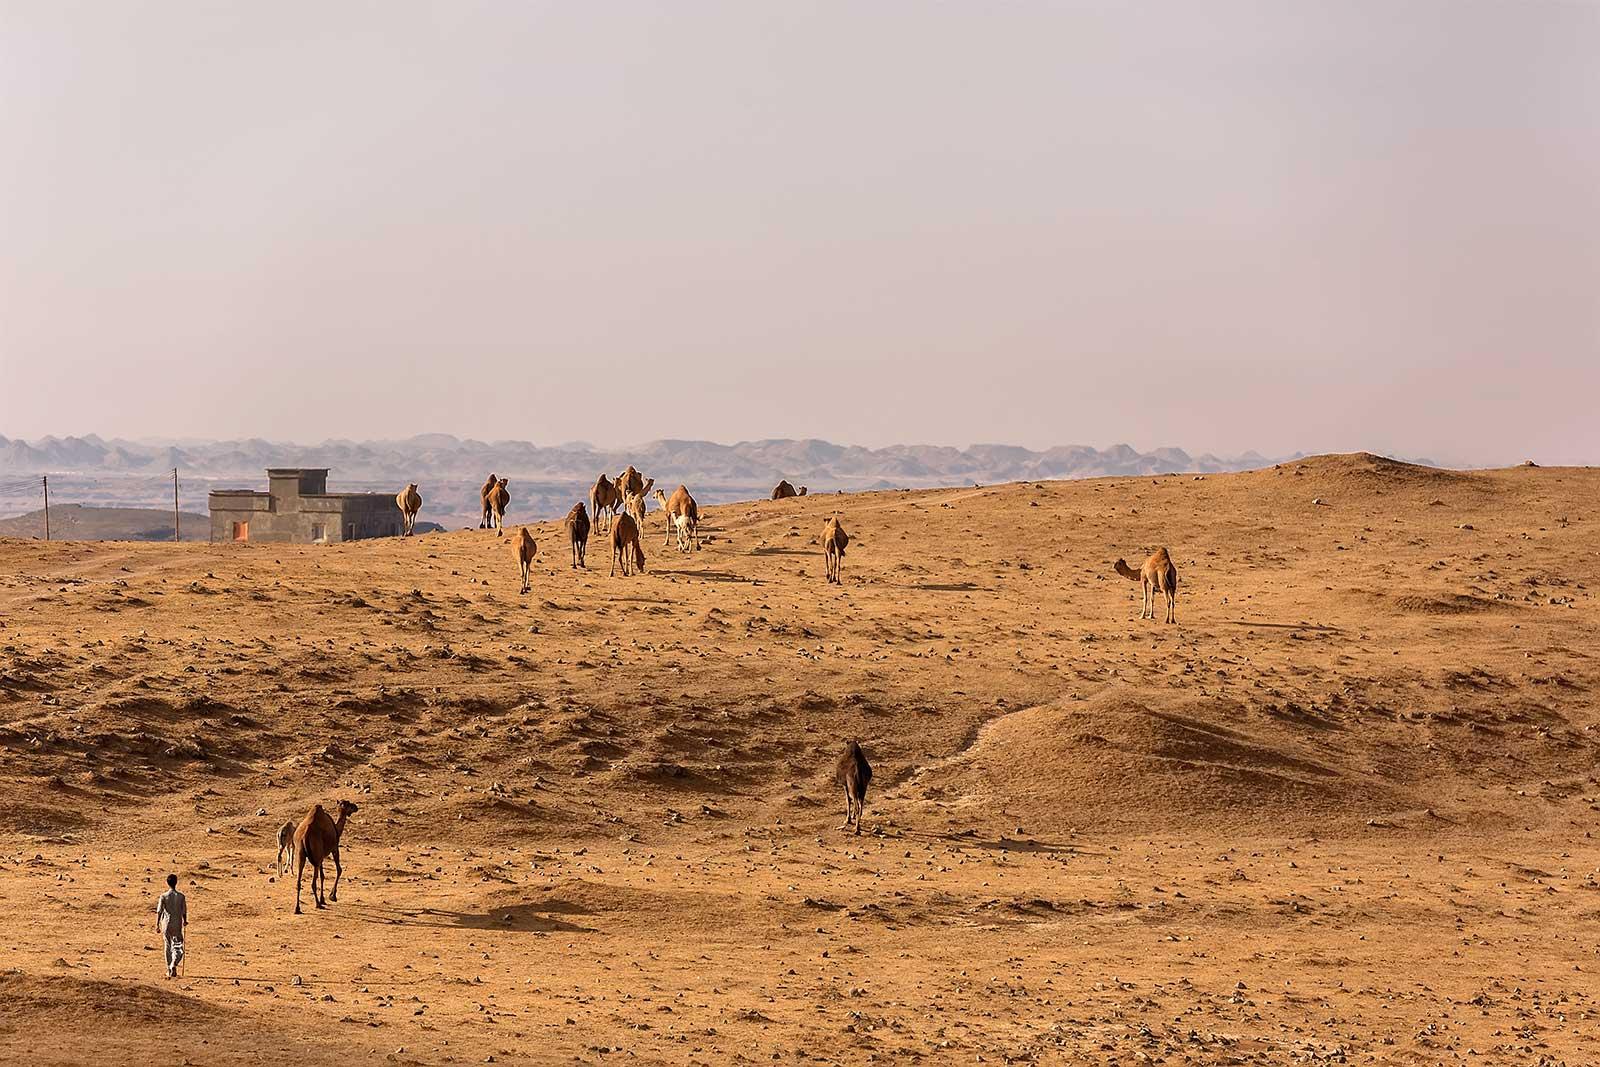 thumrait-camel-herder-oman